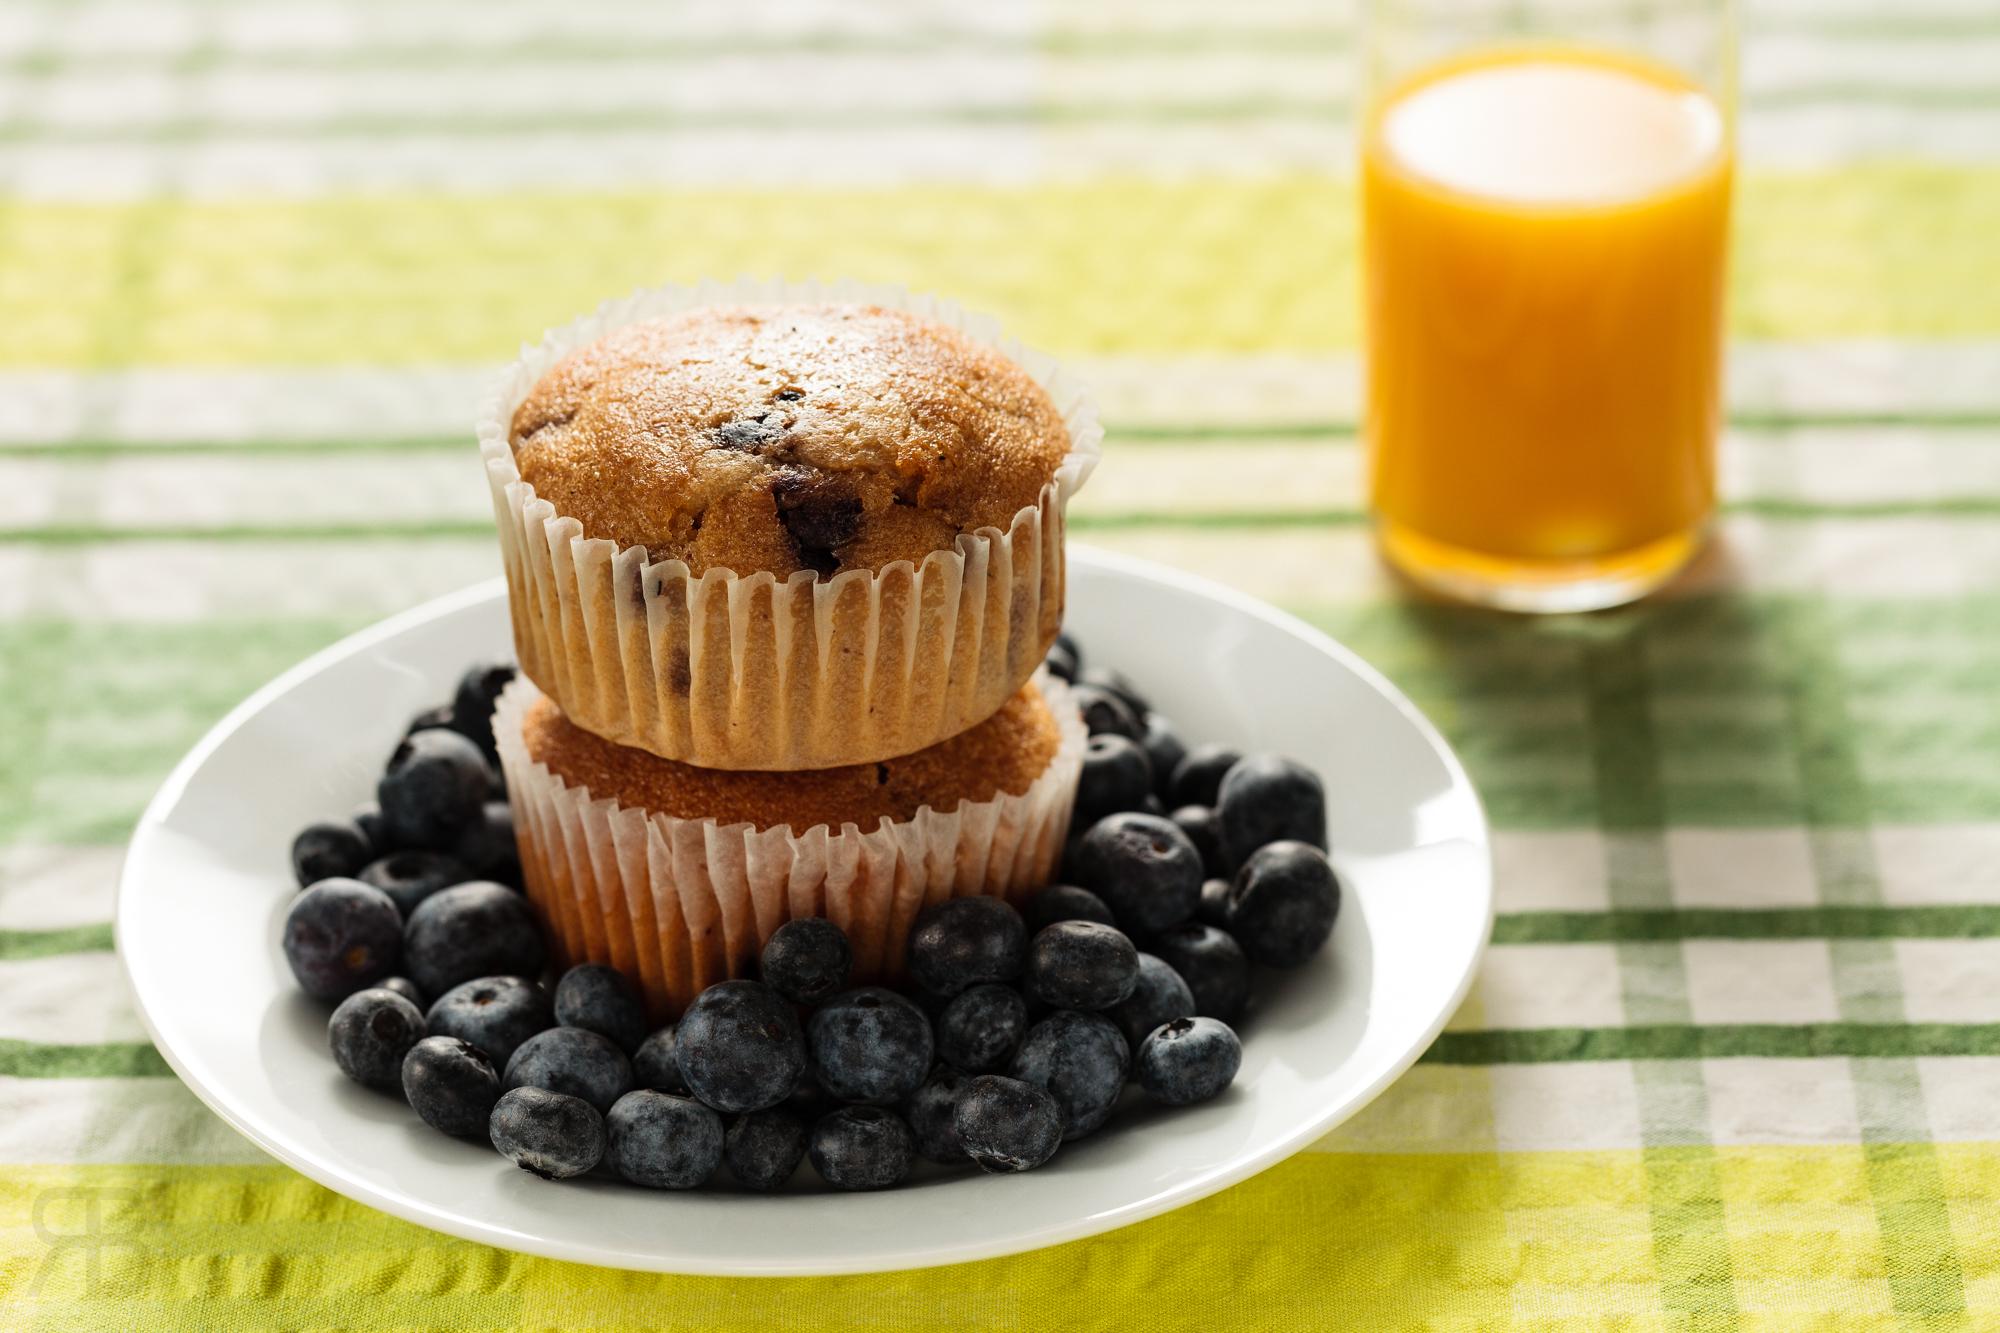 040119_BlueBerry_Muffins_31010031-E_WebWM.jpg